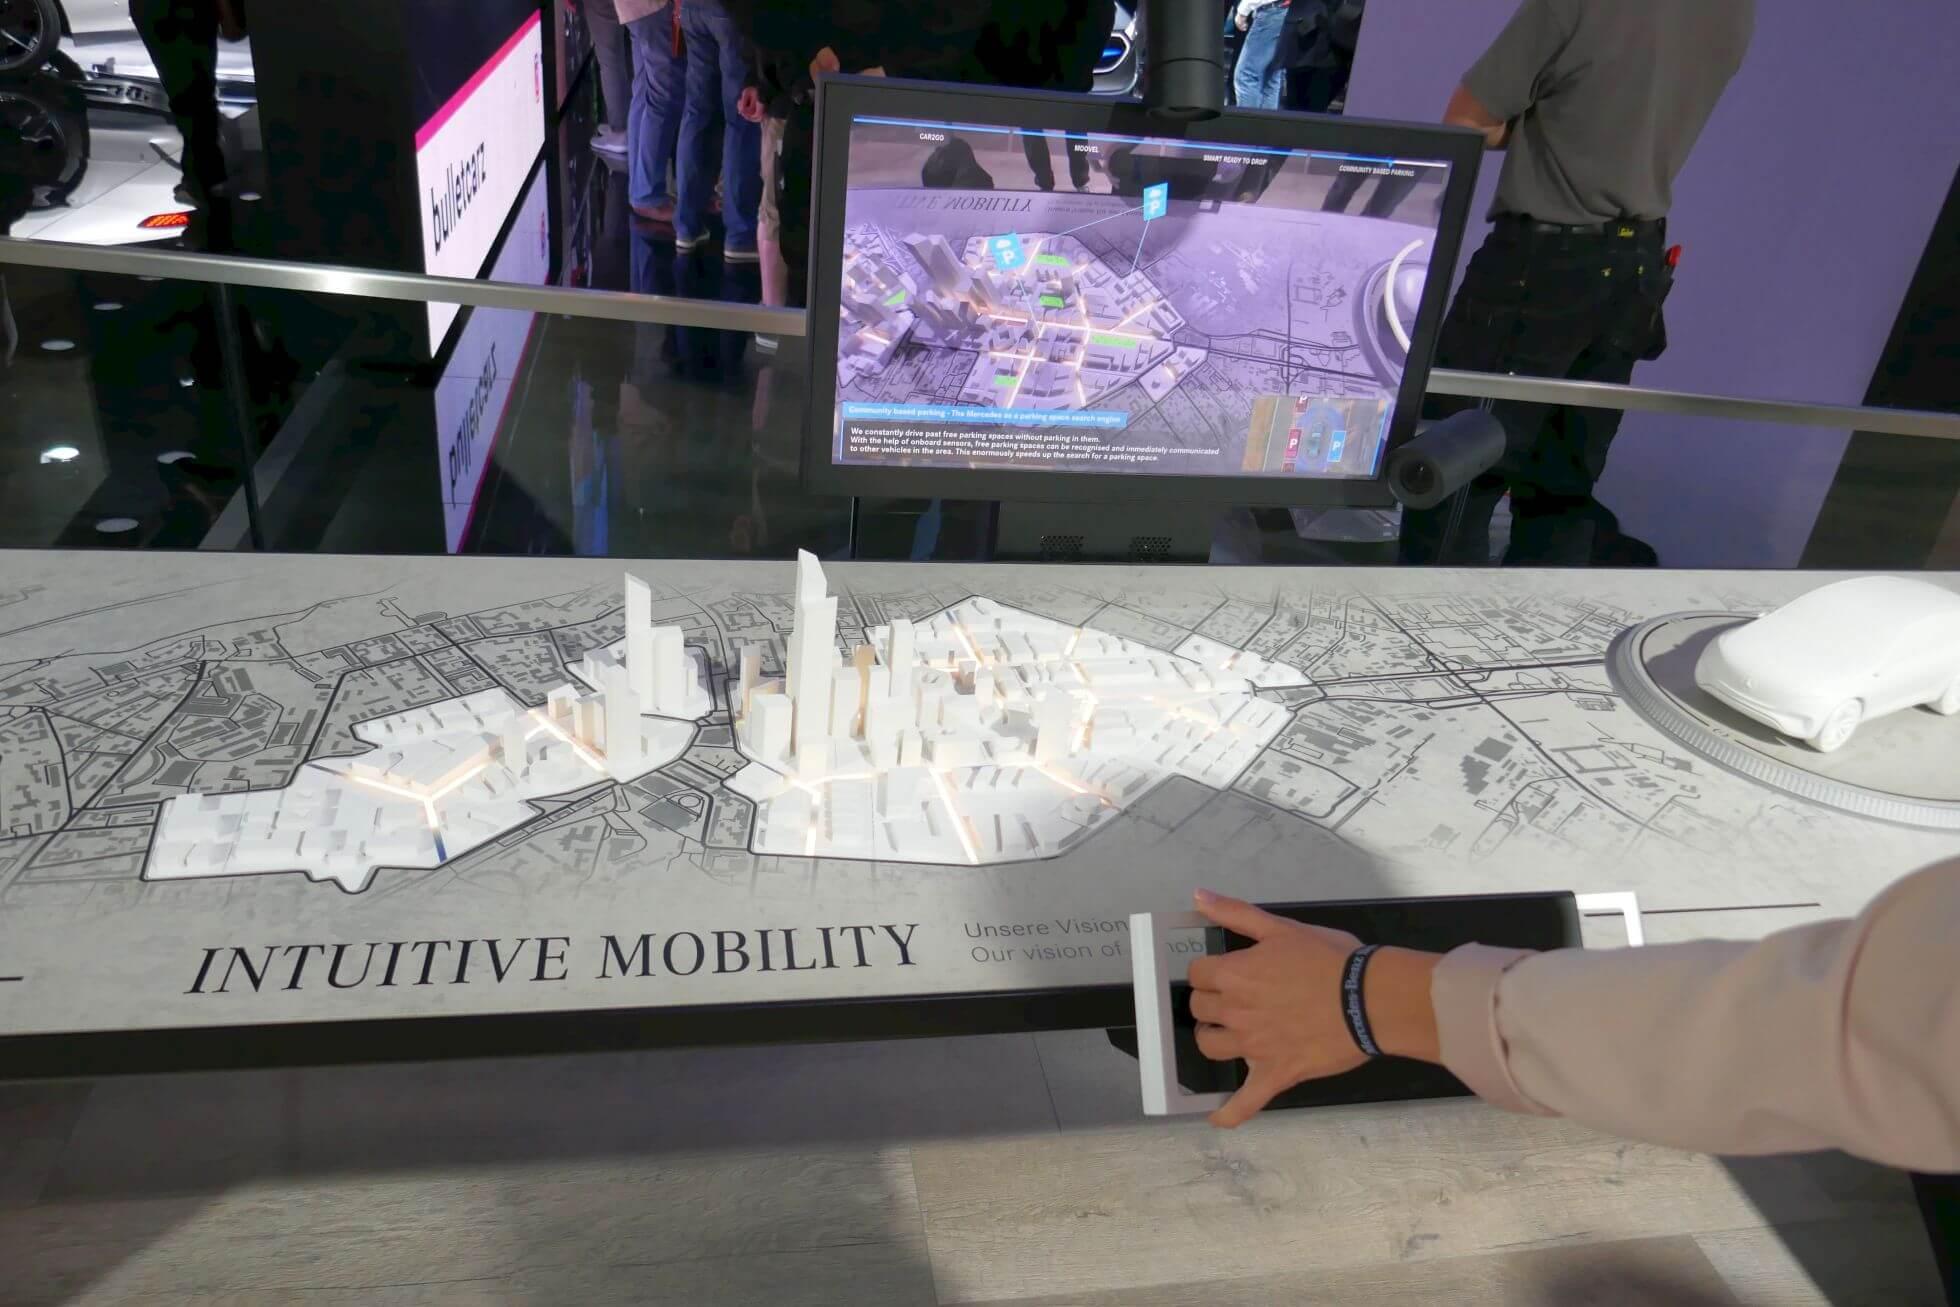 Der verschiebbare Monitor reichert die Modelle auf dem Tisch um zahlreiche Informationen an.